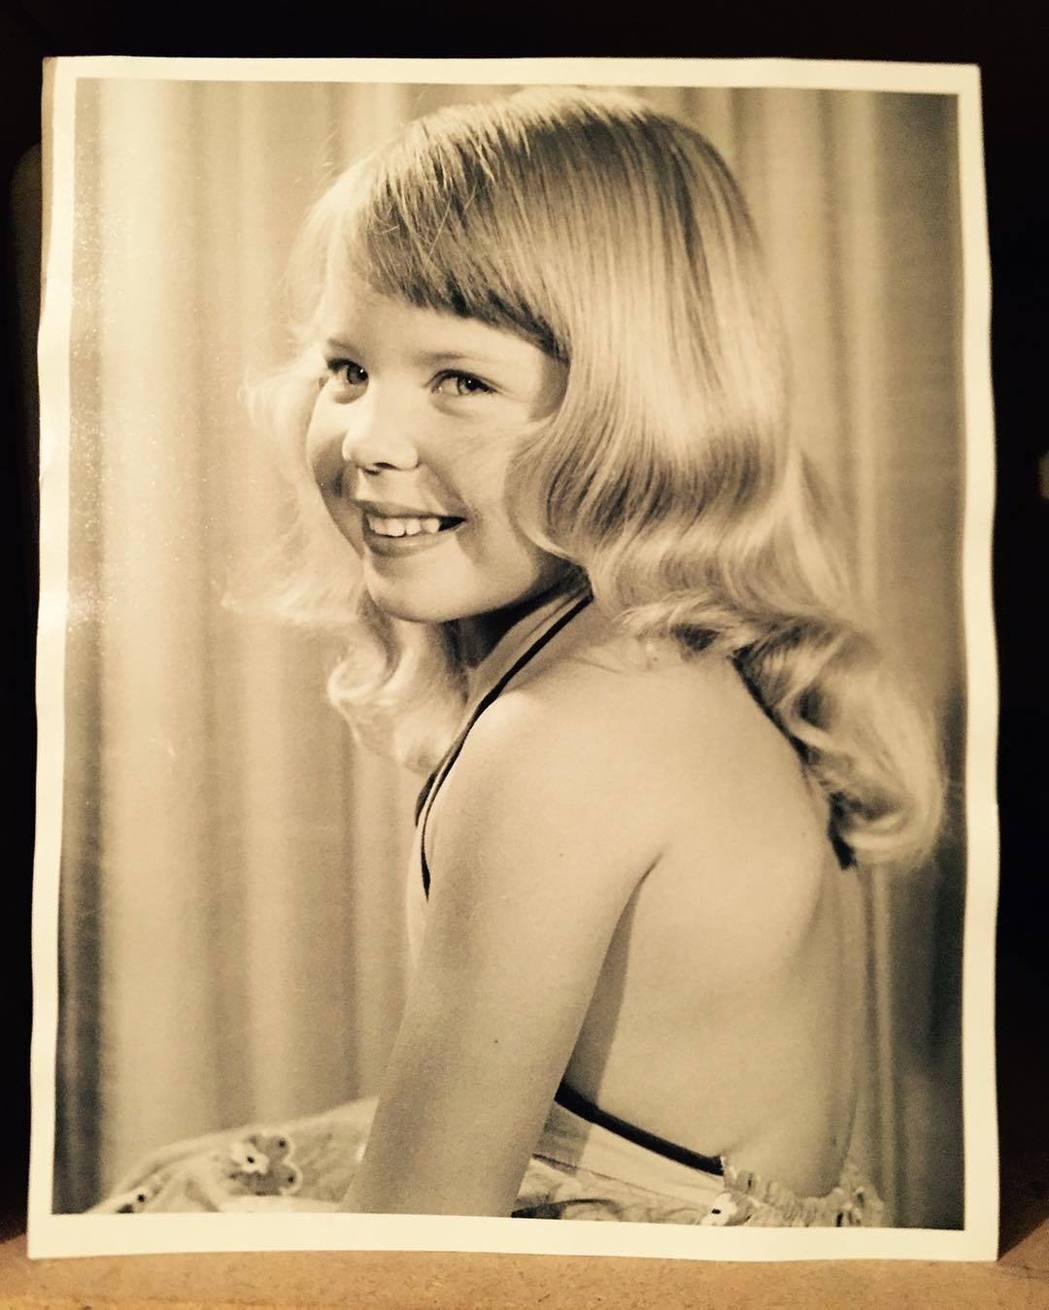 童年時的她笑容可愛,可看得出巨星的影子?圖/摘自Instagram